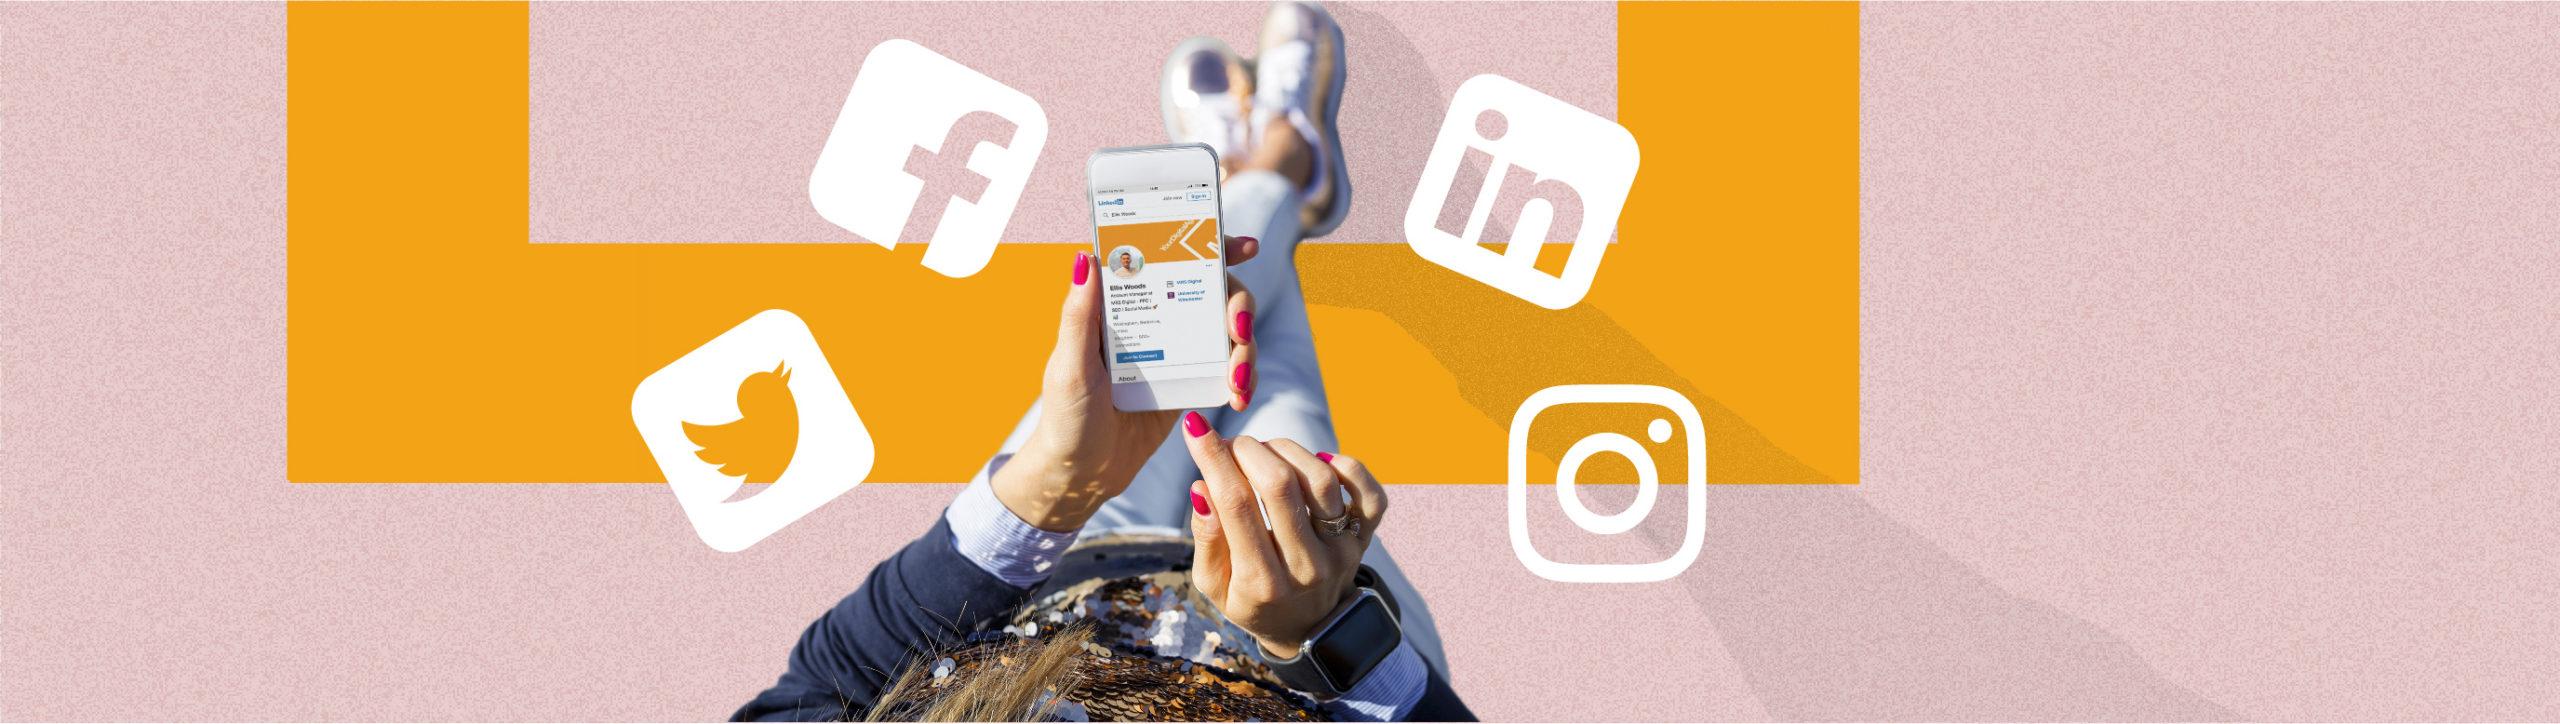 Social Media Updates October 2020